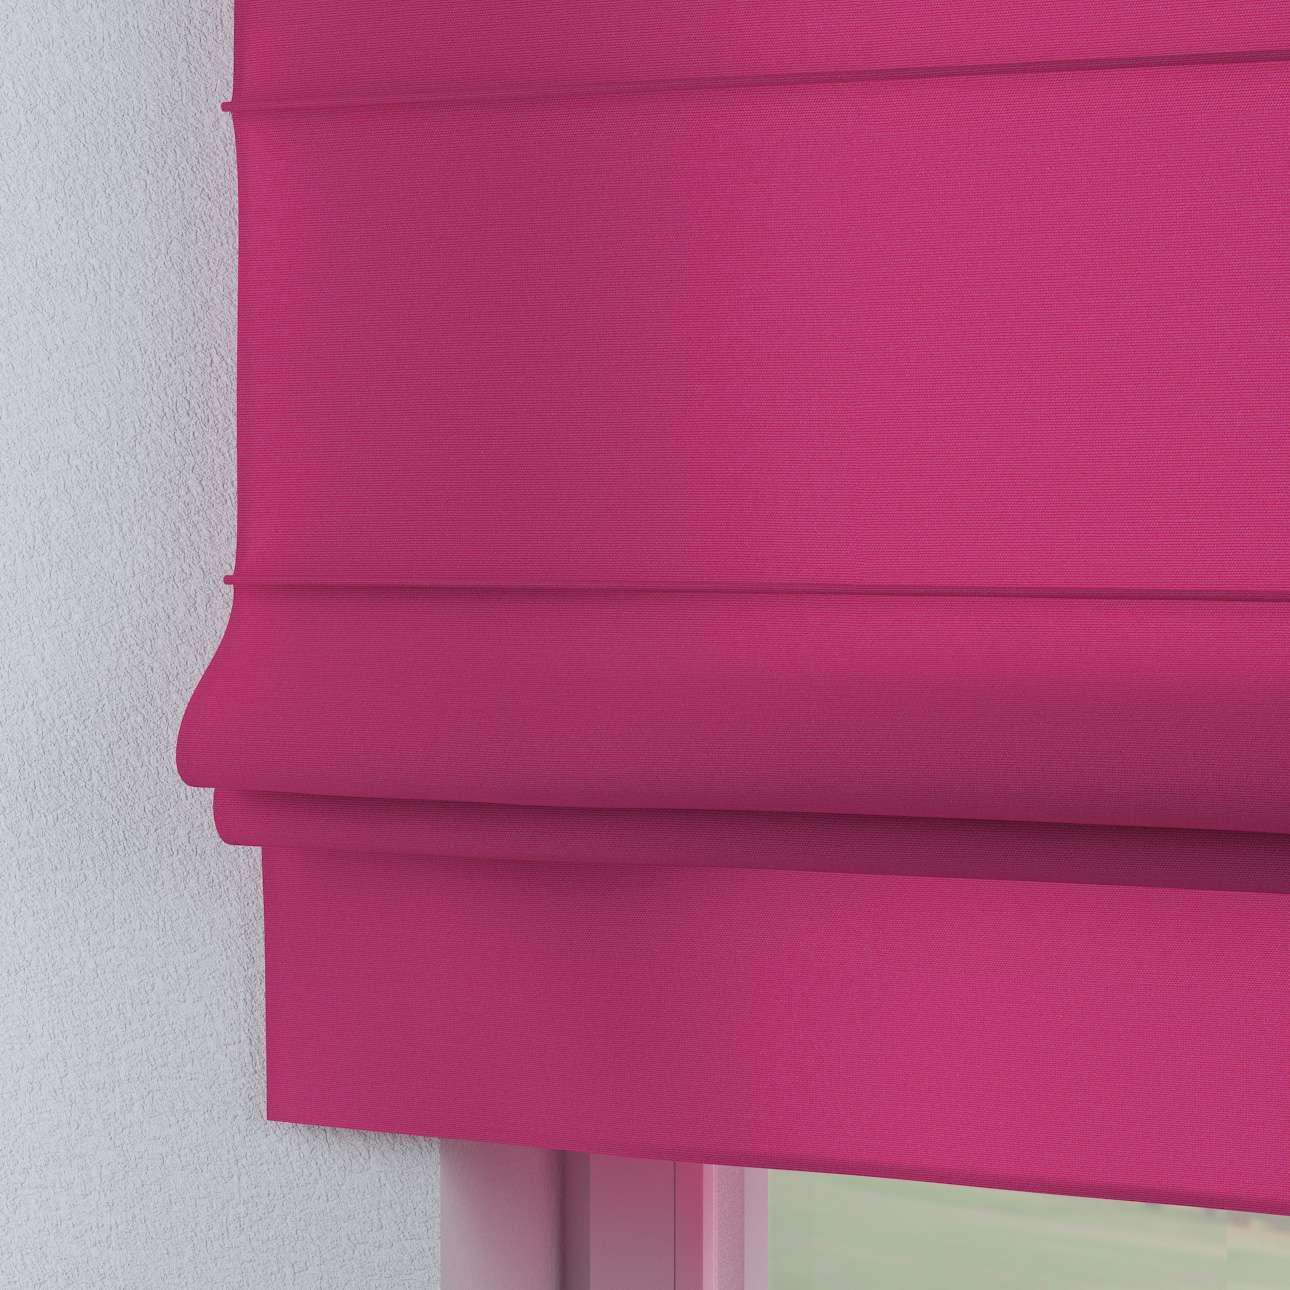 Liftgardin Paris<br/>Med rett volang 80 x 170 cm fra kolleksjonen Loneta, Stoffets bredde: 133-60